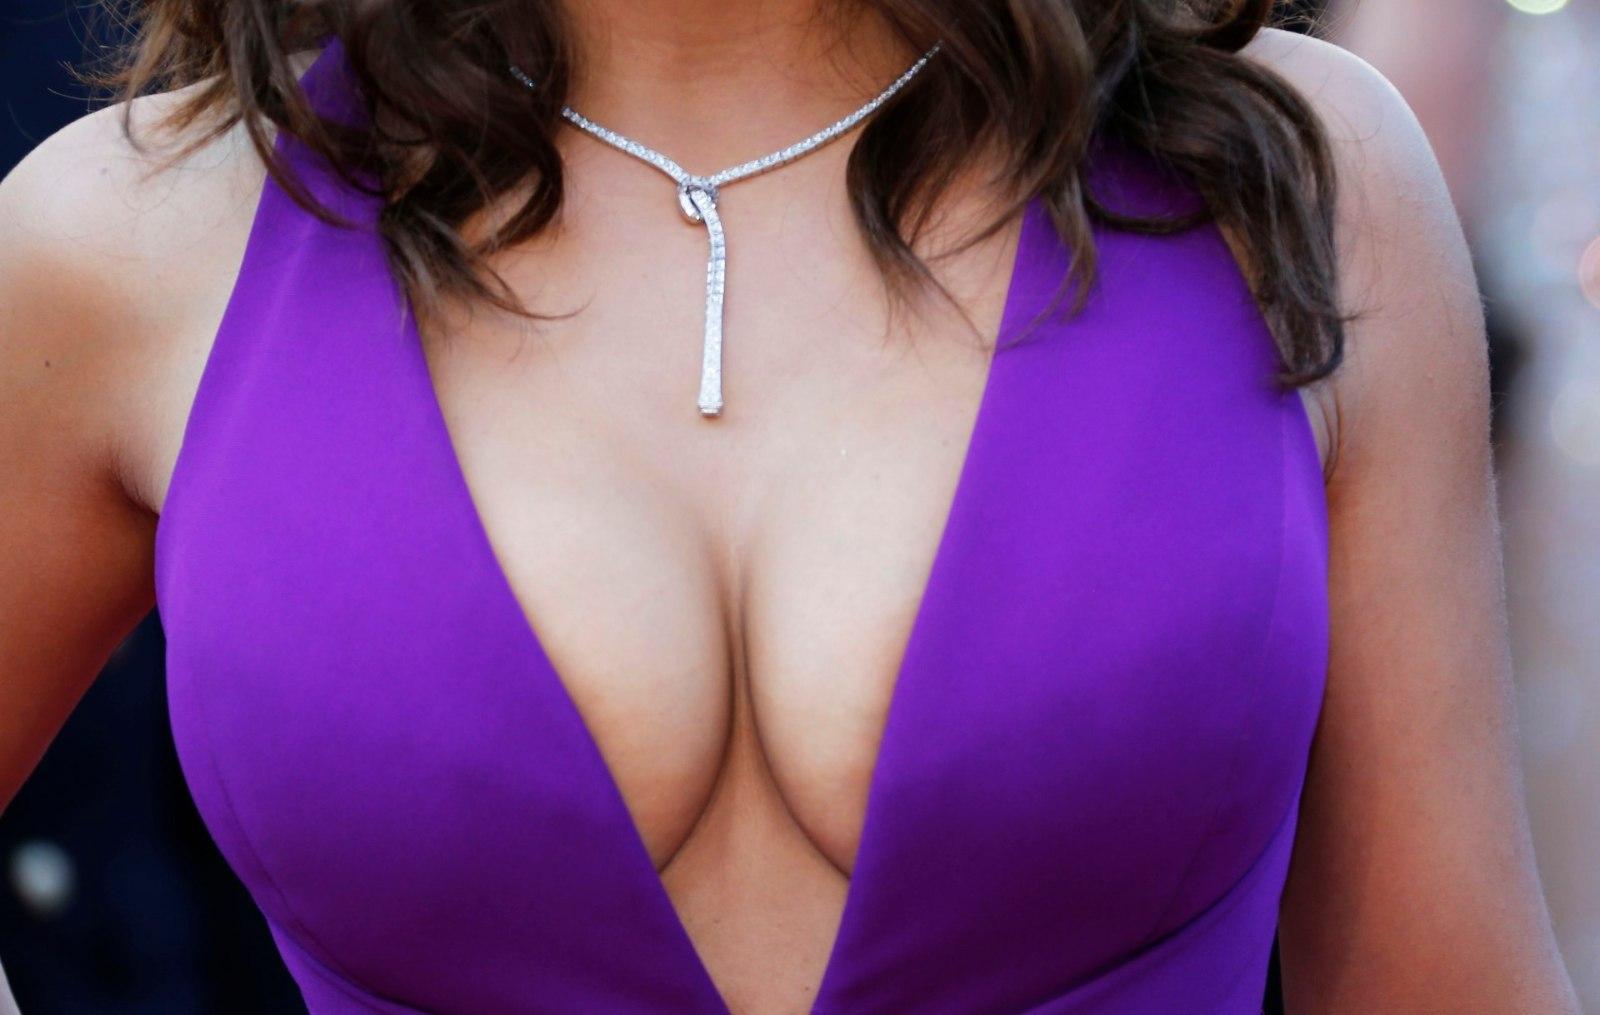 Смотреть сиськи самые маленькие, Маленькие сиськи, маленькая грудь - порно видео 9 фотография